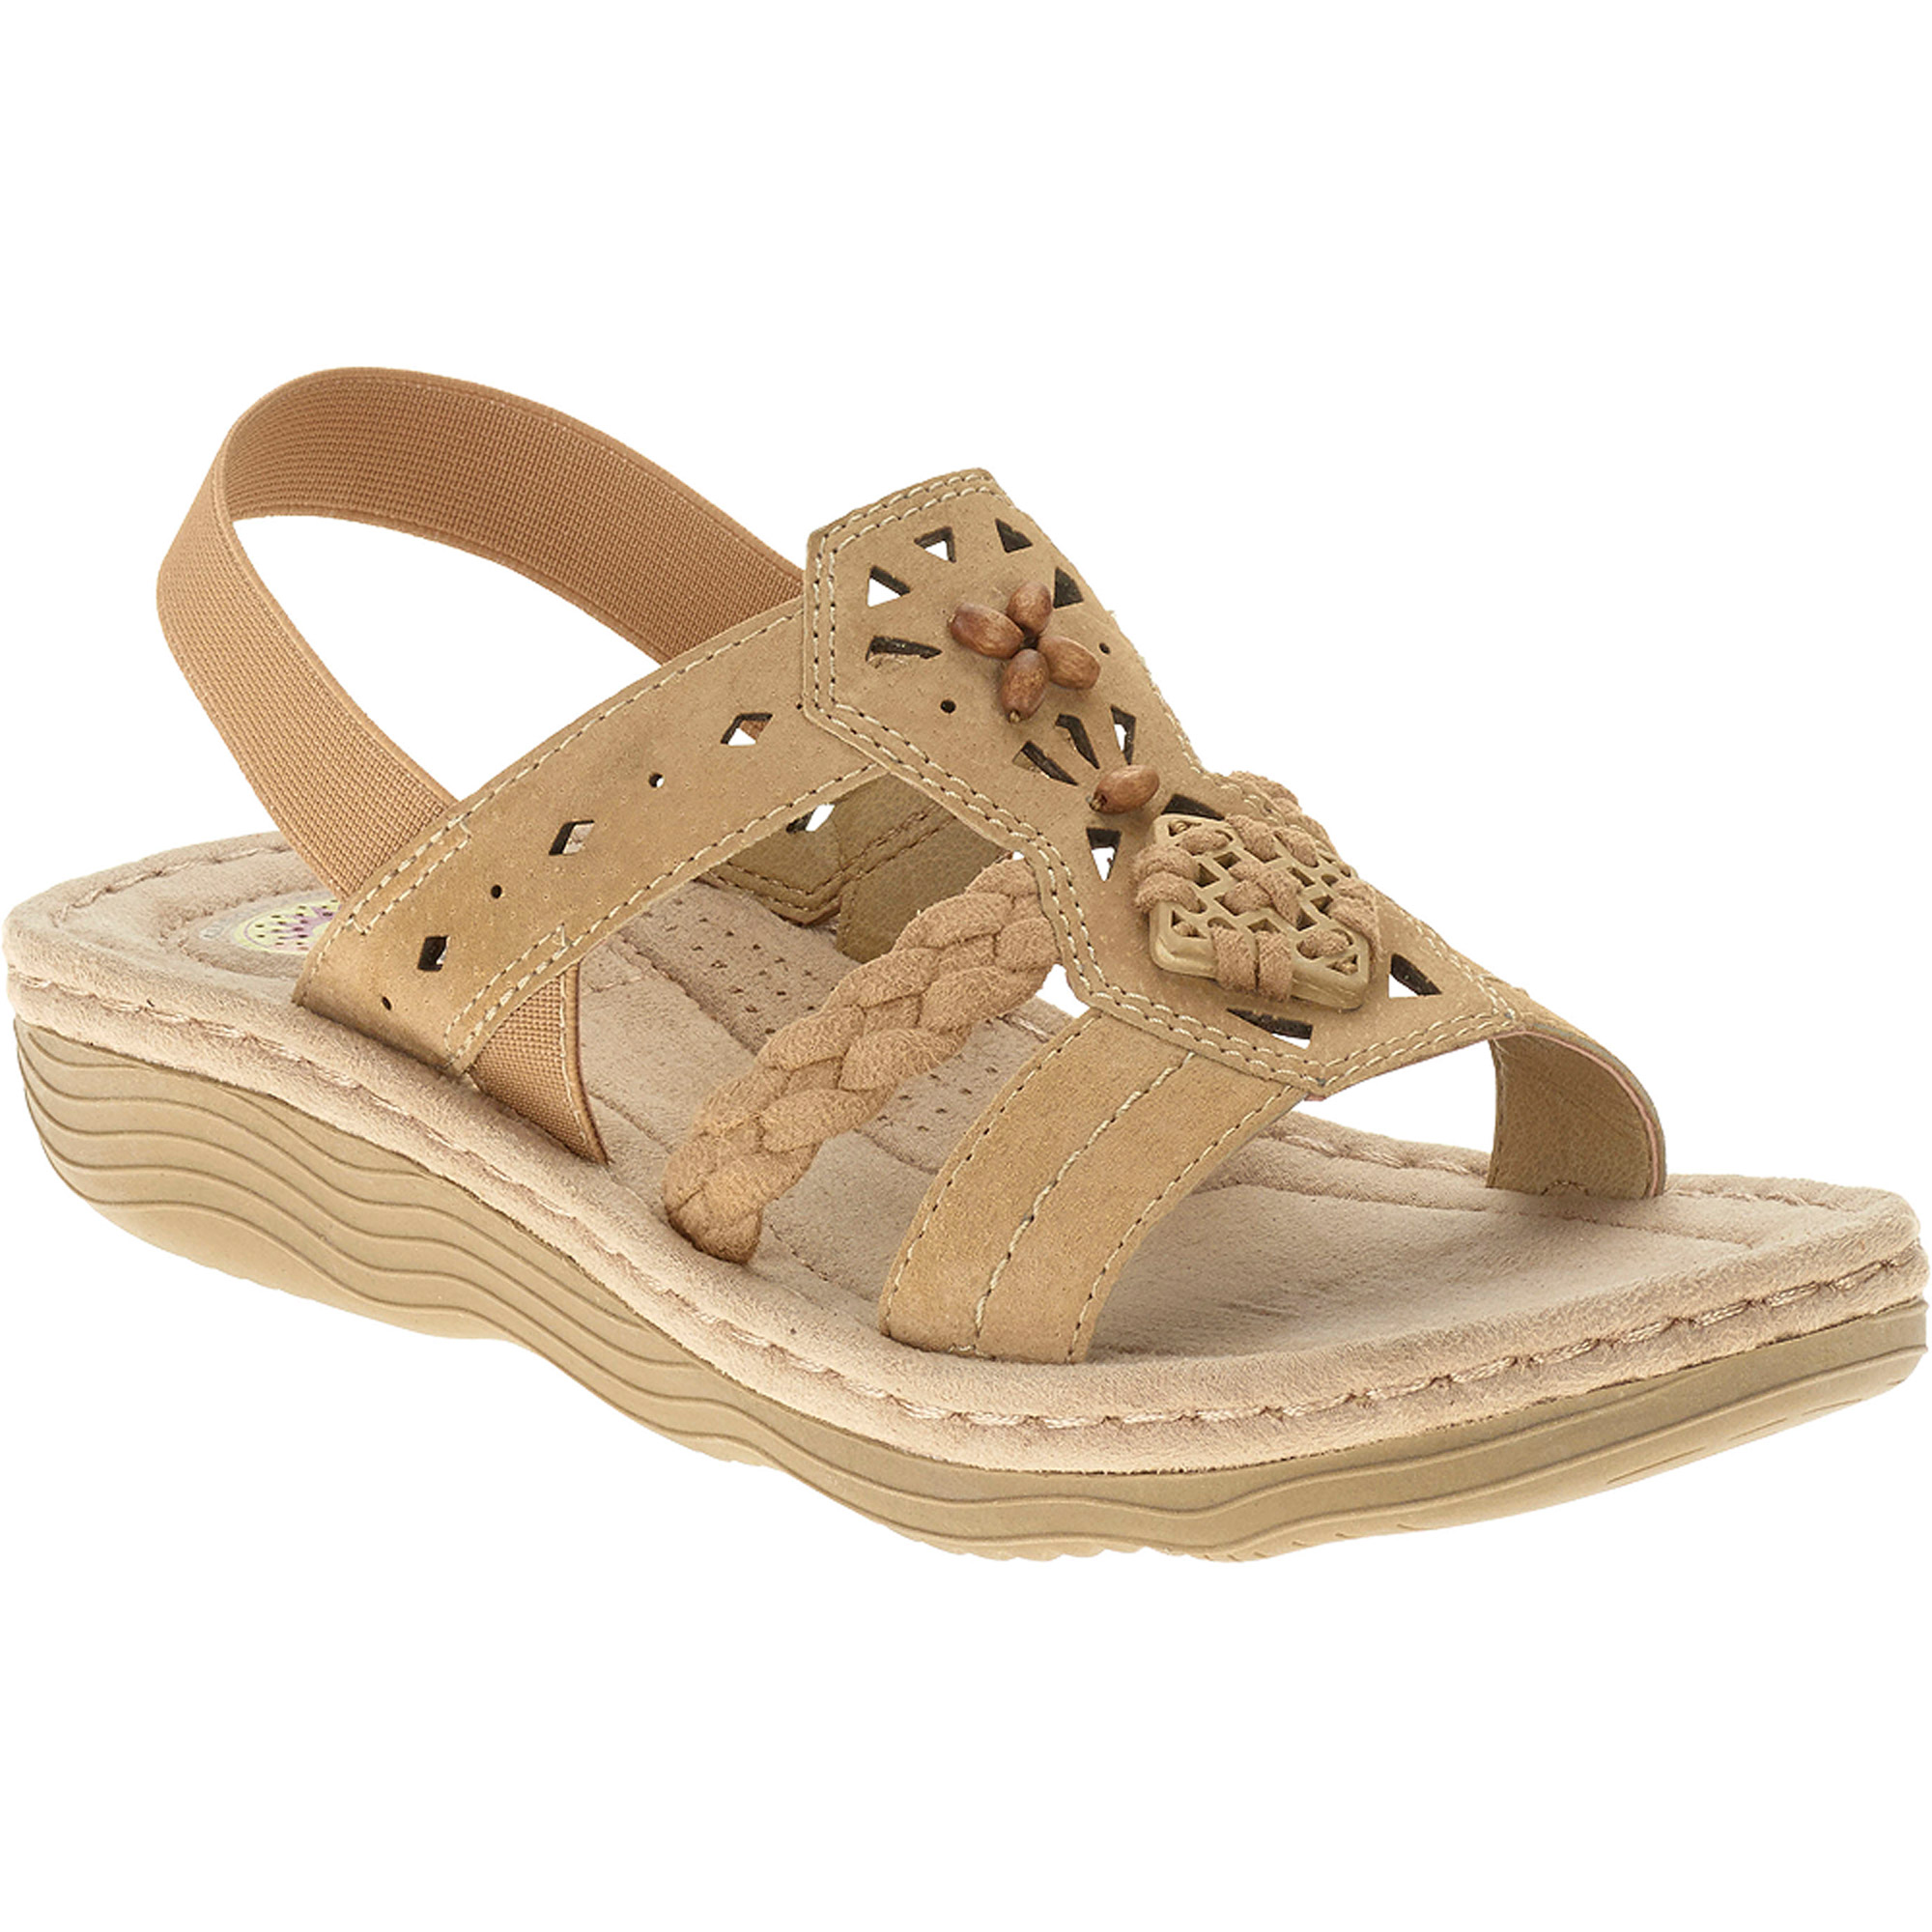 Earth Spirit Women's Laci T-strap Sandal